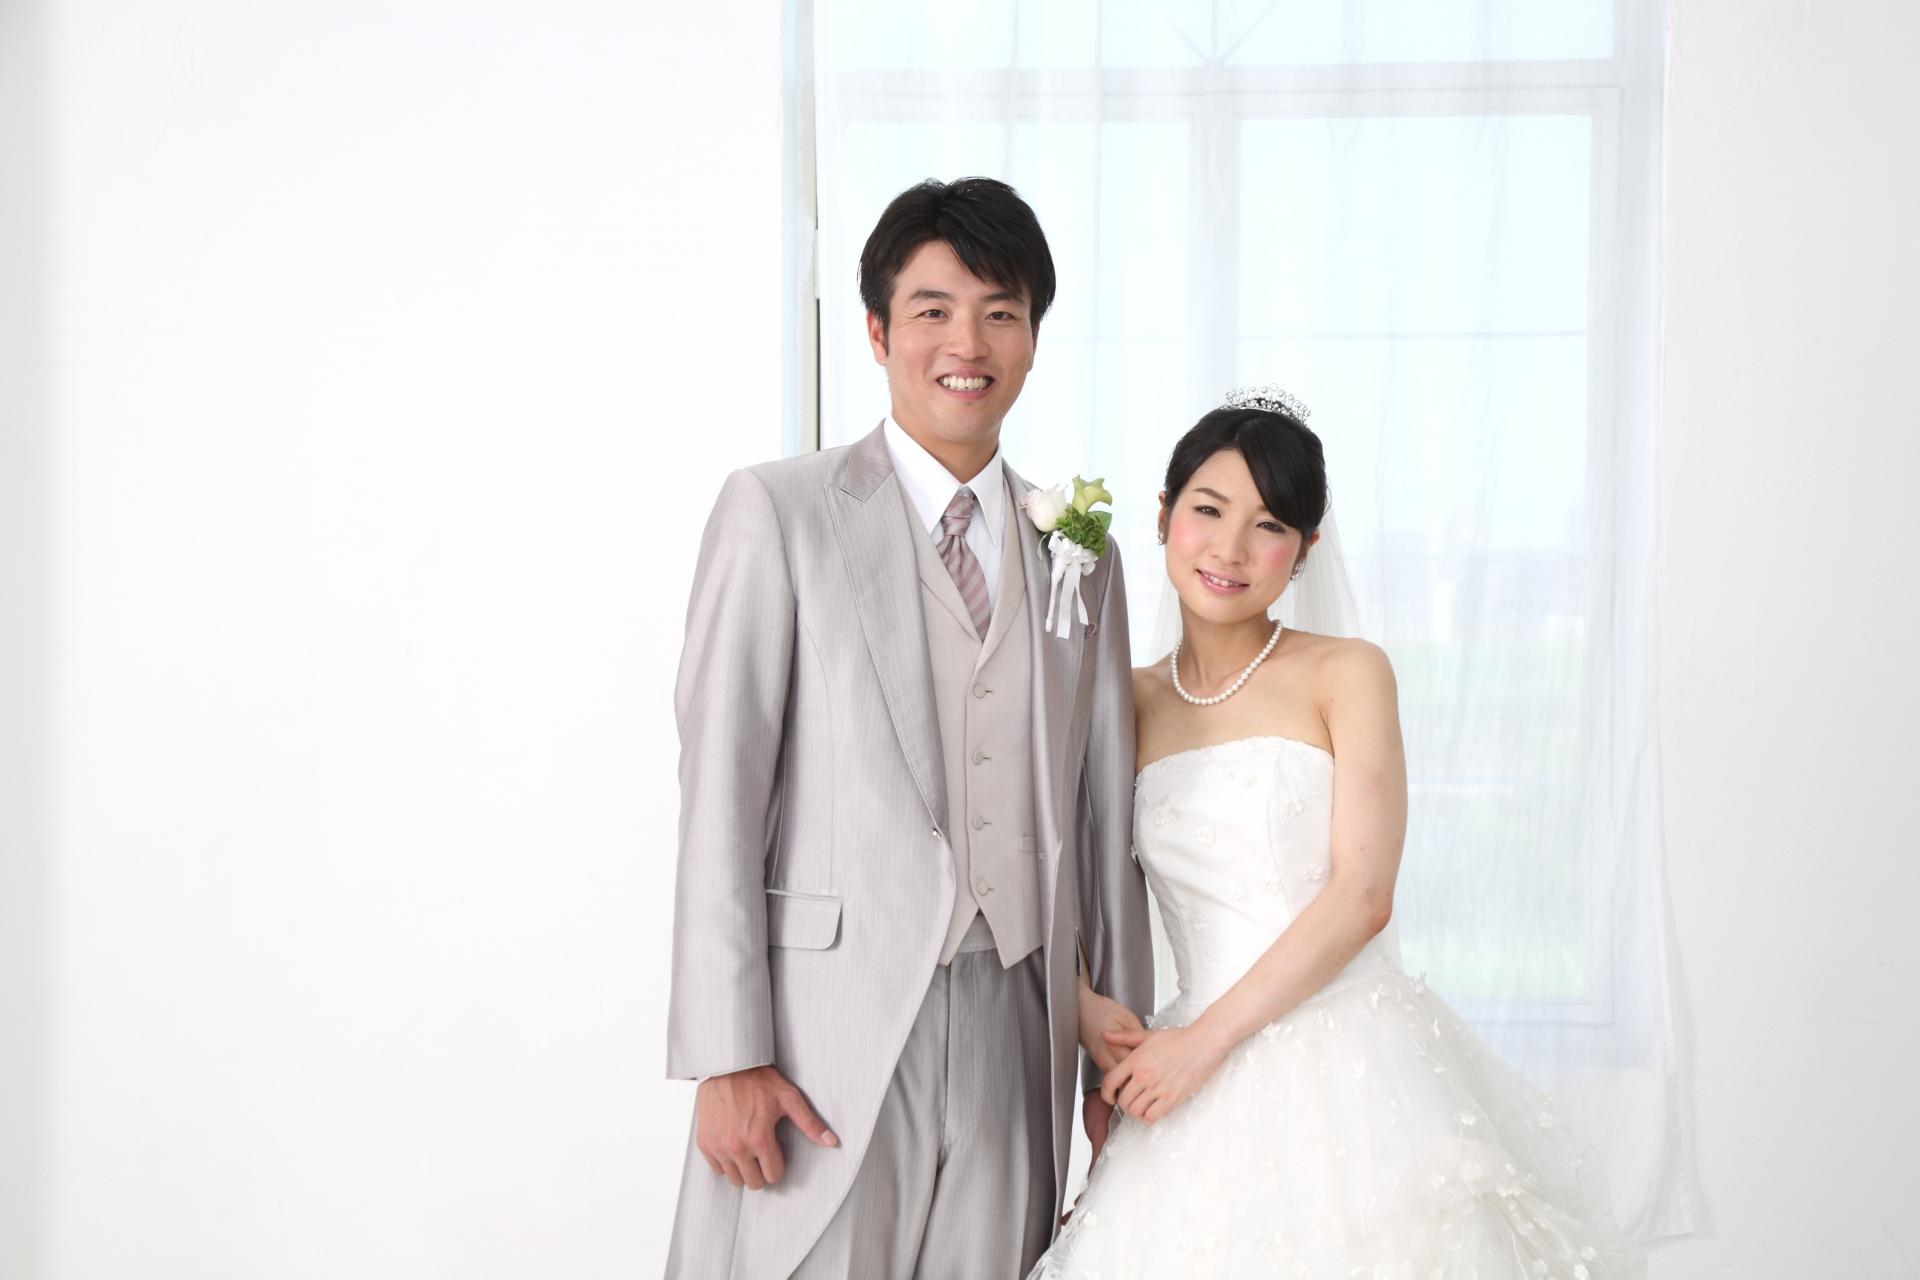 【ご婚約のご報告】30代男性の婚活体験談